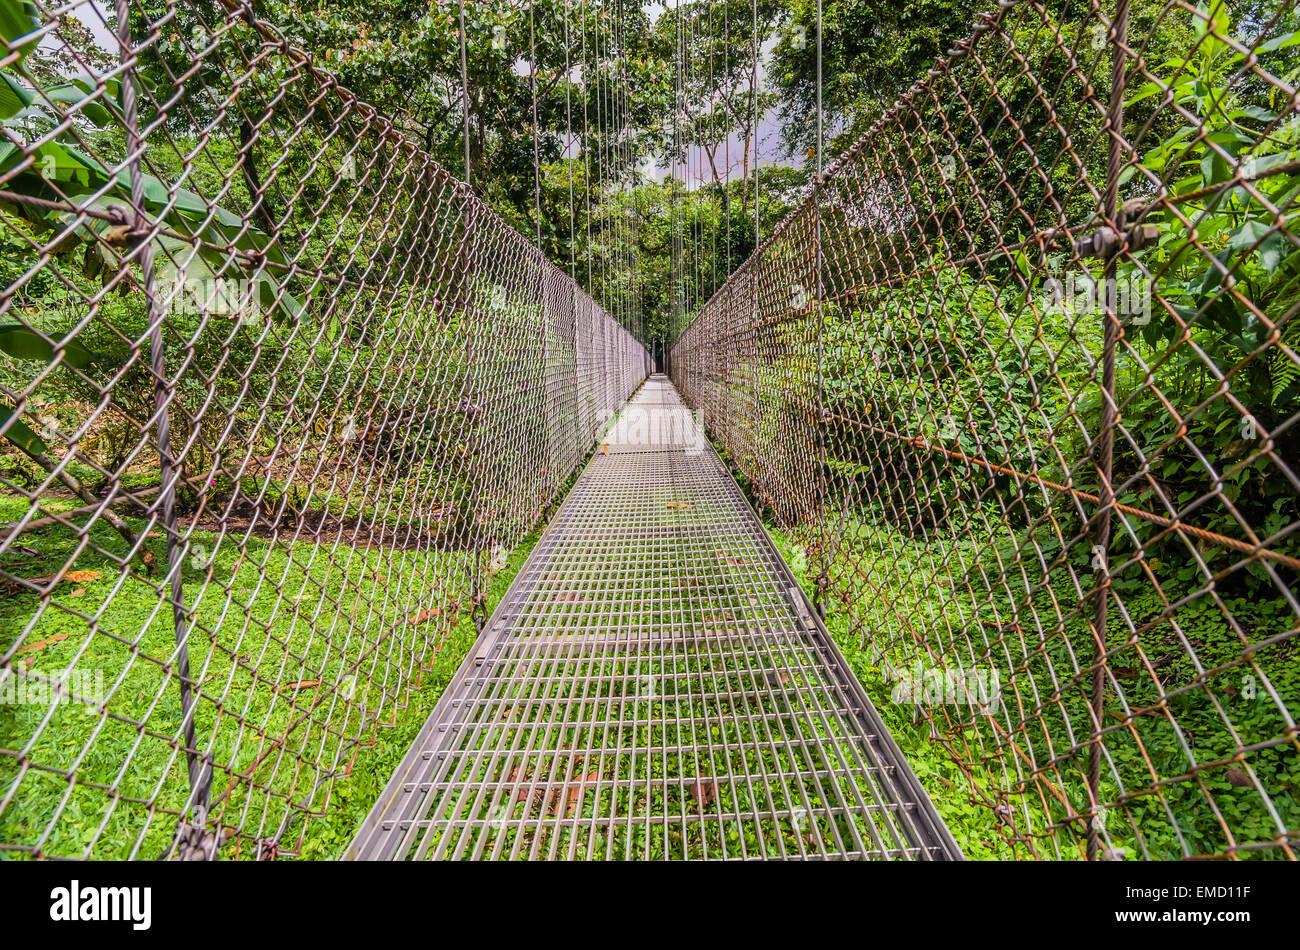 Costa Rica, Junge, suspension bridge Imagens de Stock